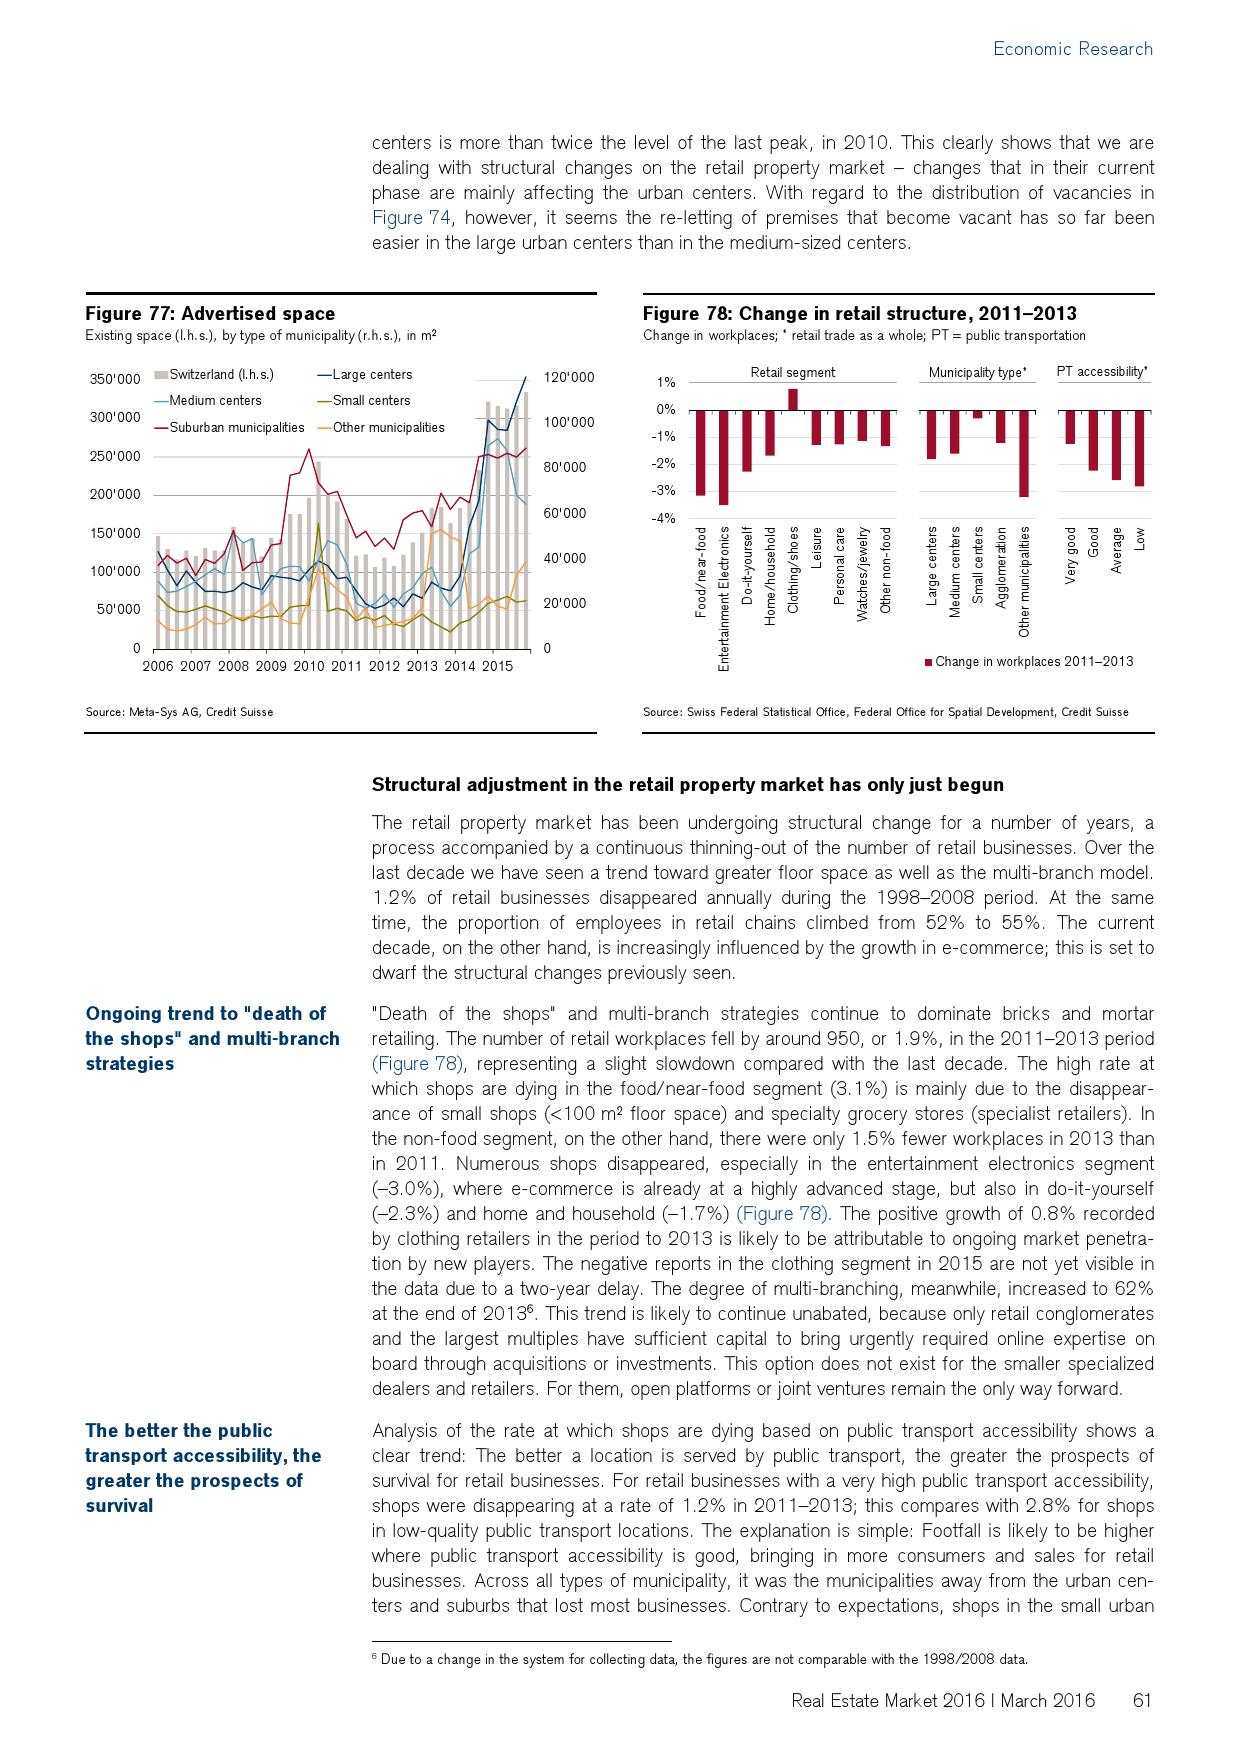 2016年瑞士房地产市场研究报告_000061